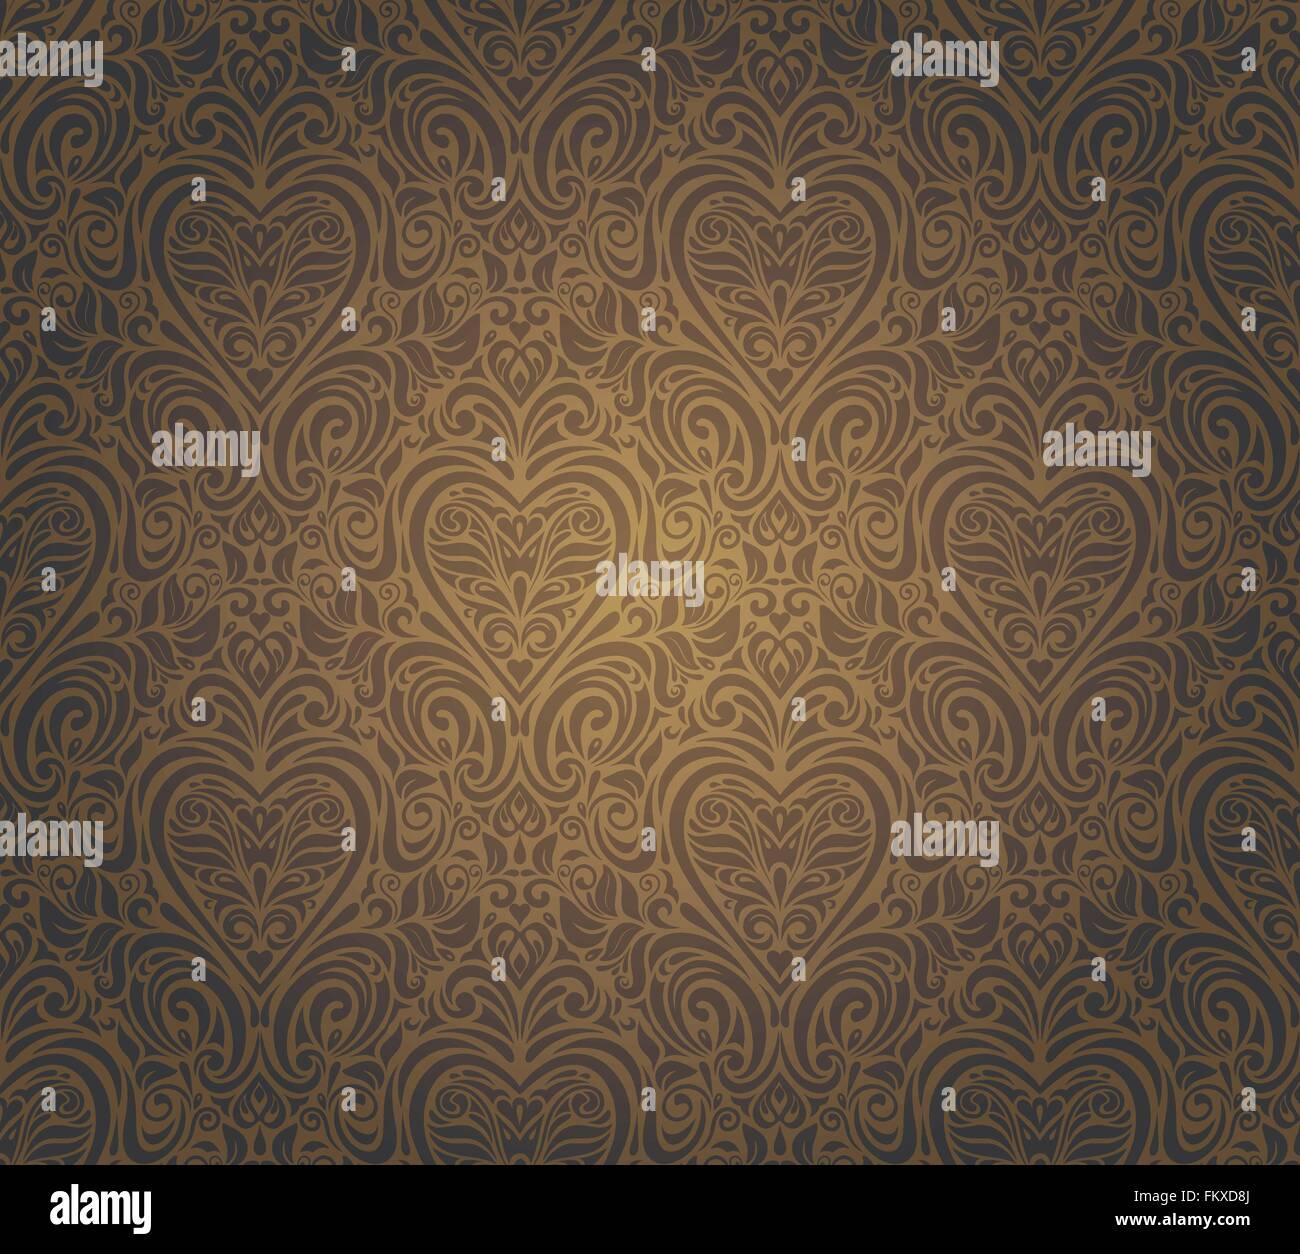 Dunkel Braun Vintage Nahtlose Tapete Design Muster Hintergrund